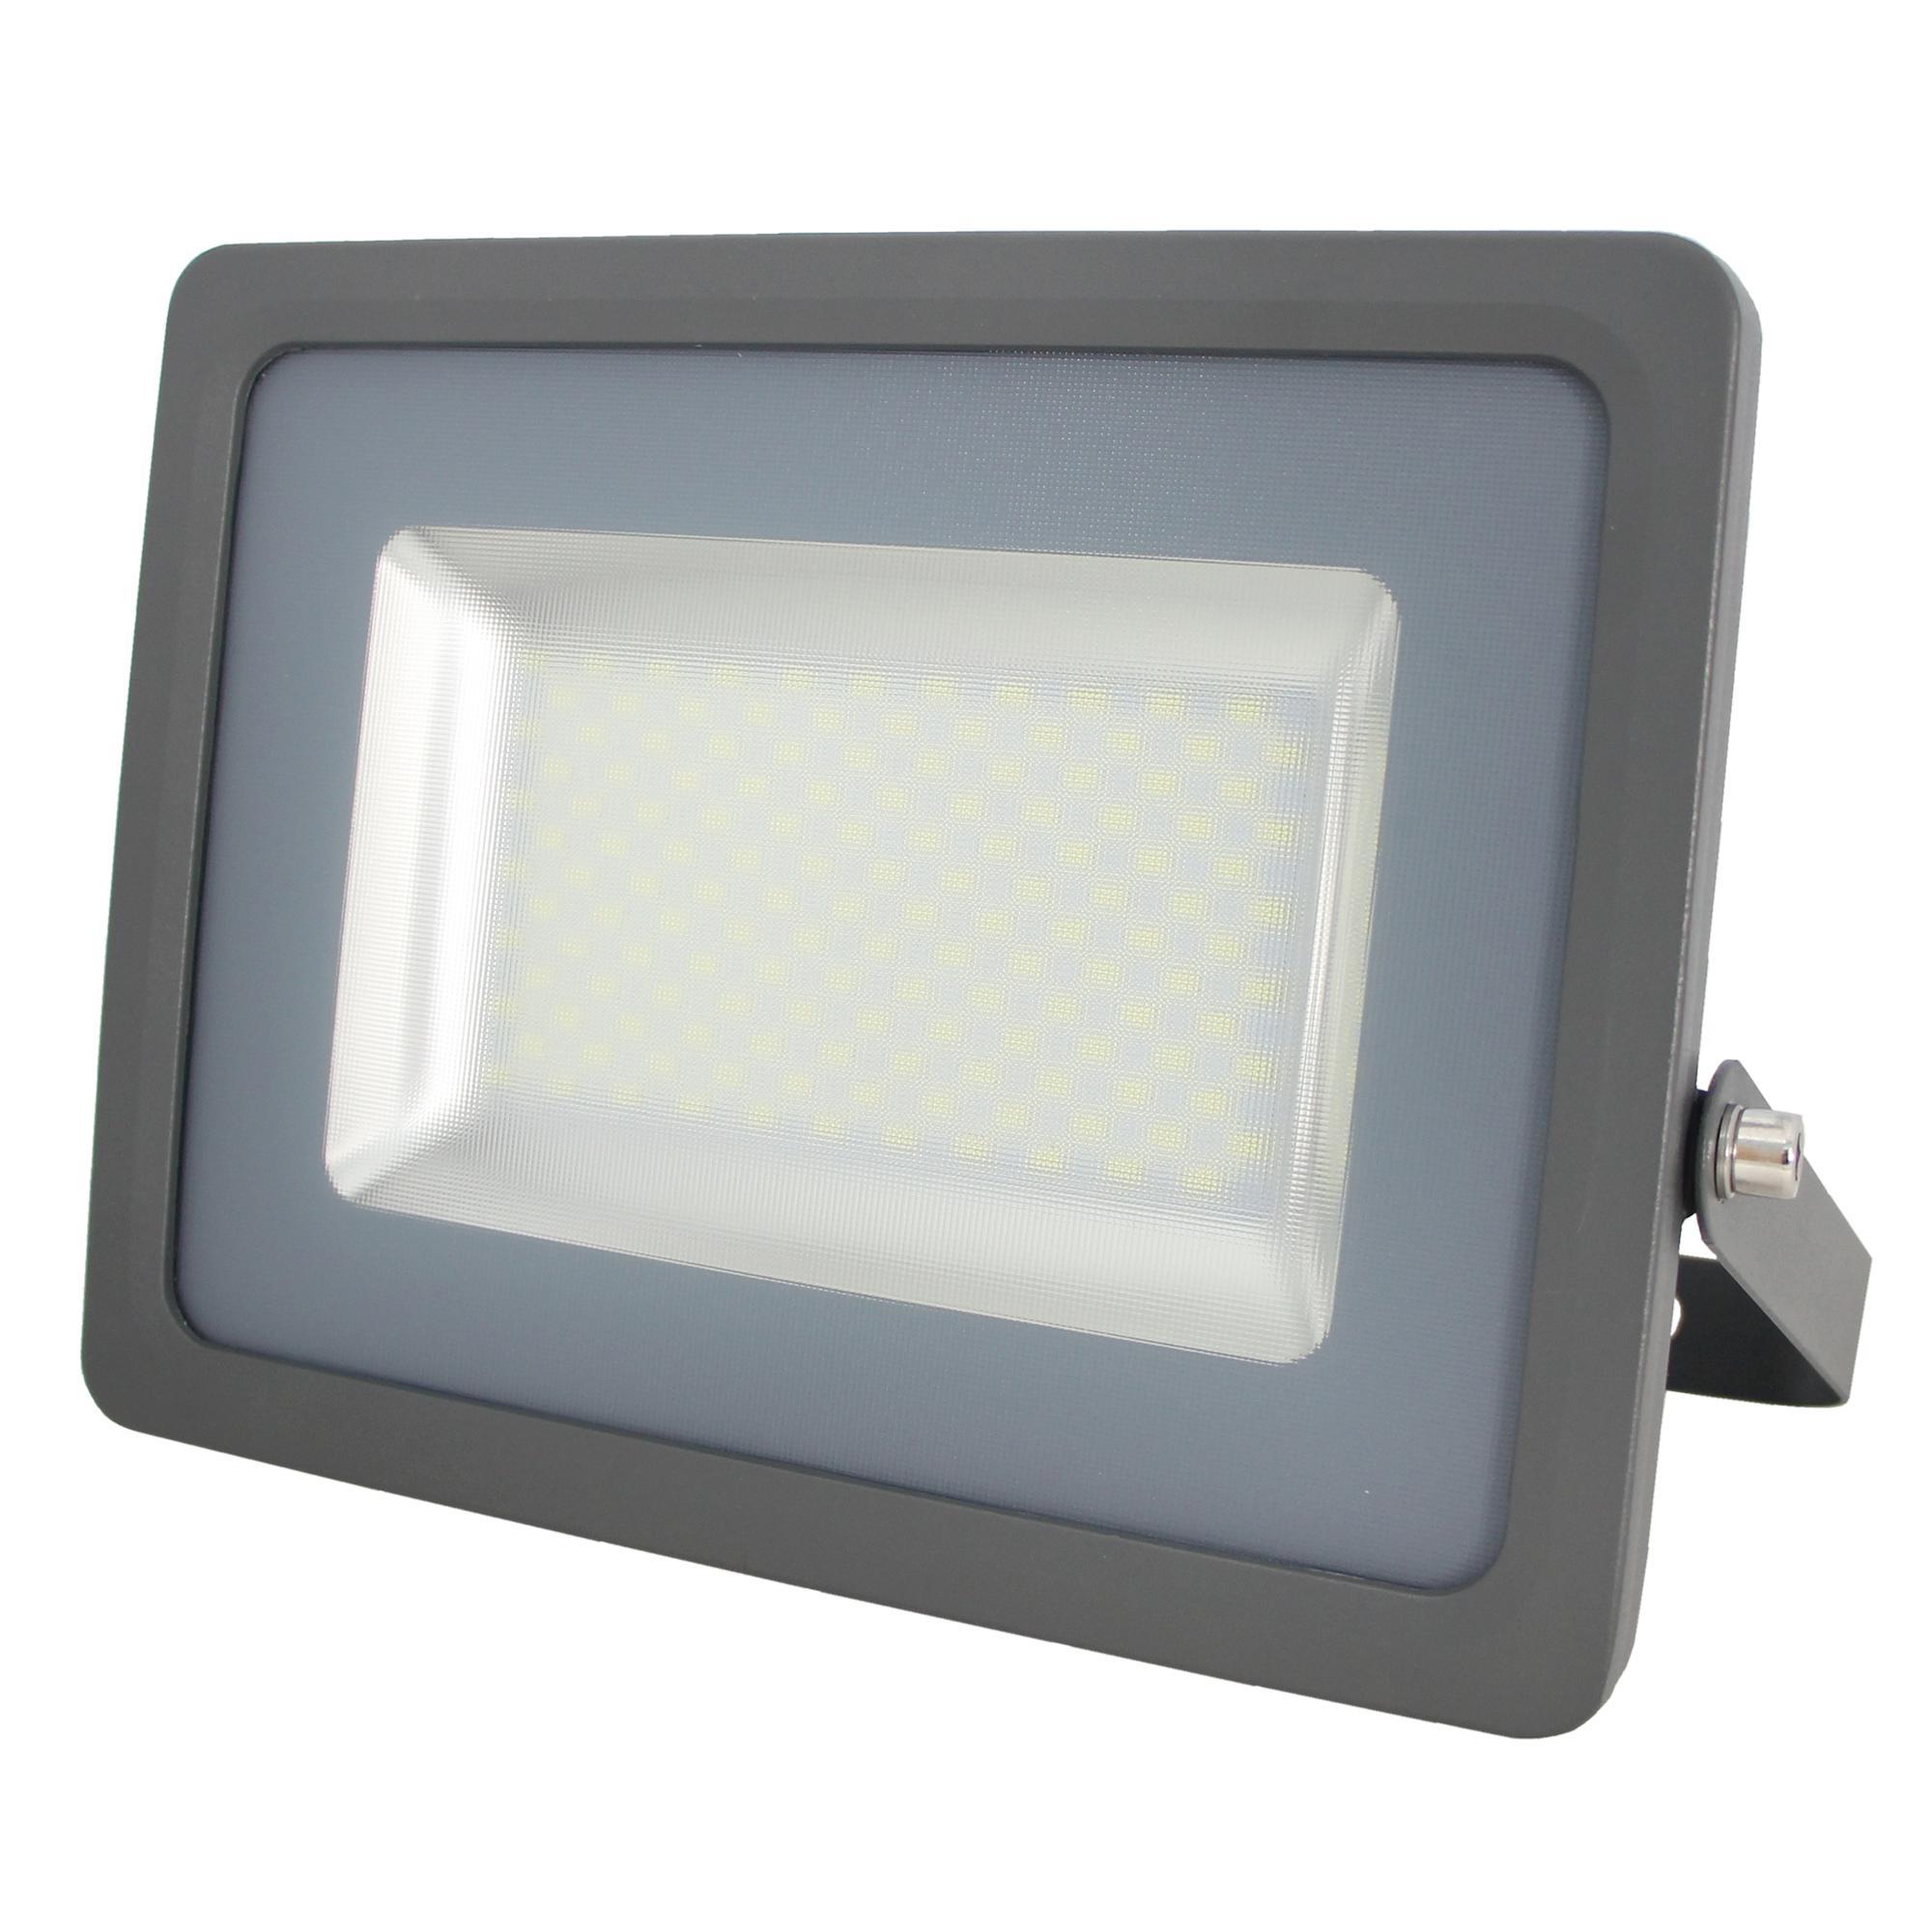 Прожектор светодиодный Ilini 05-21